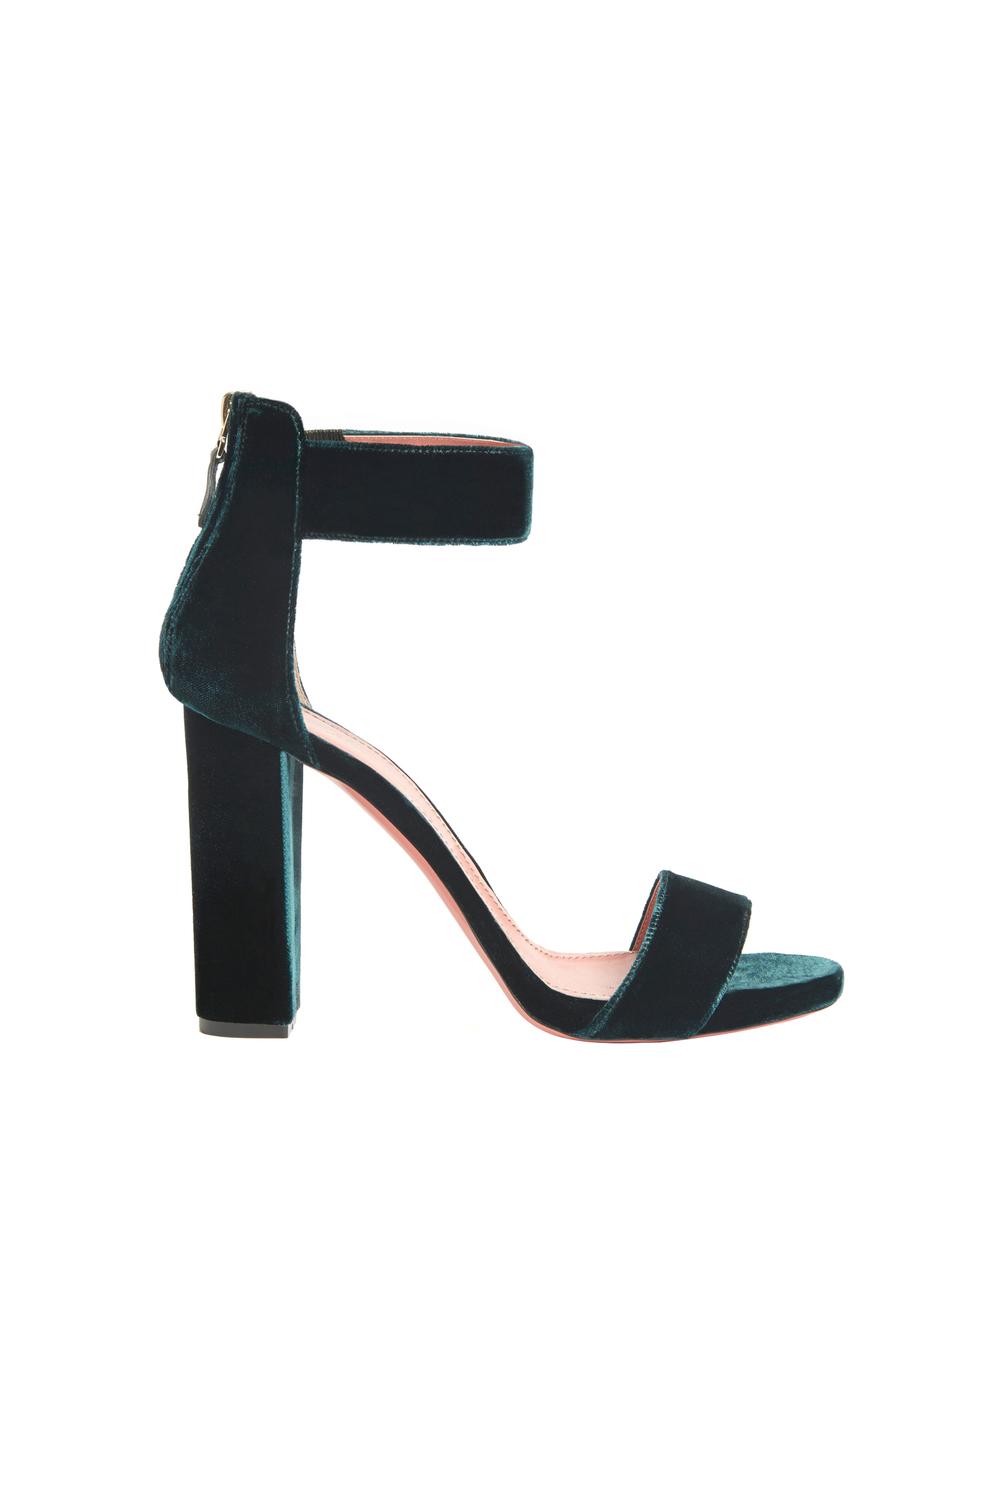 02-06-accessories-trends-fall-2015-velvet.jpg